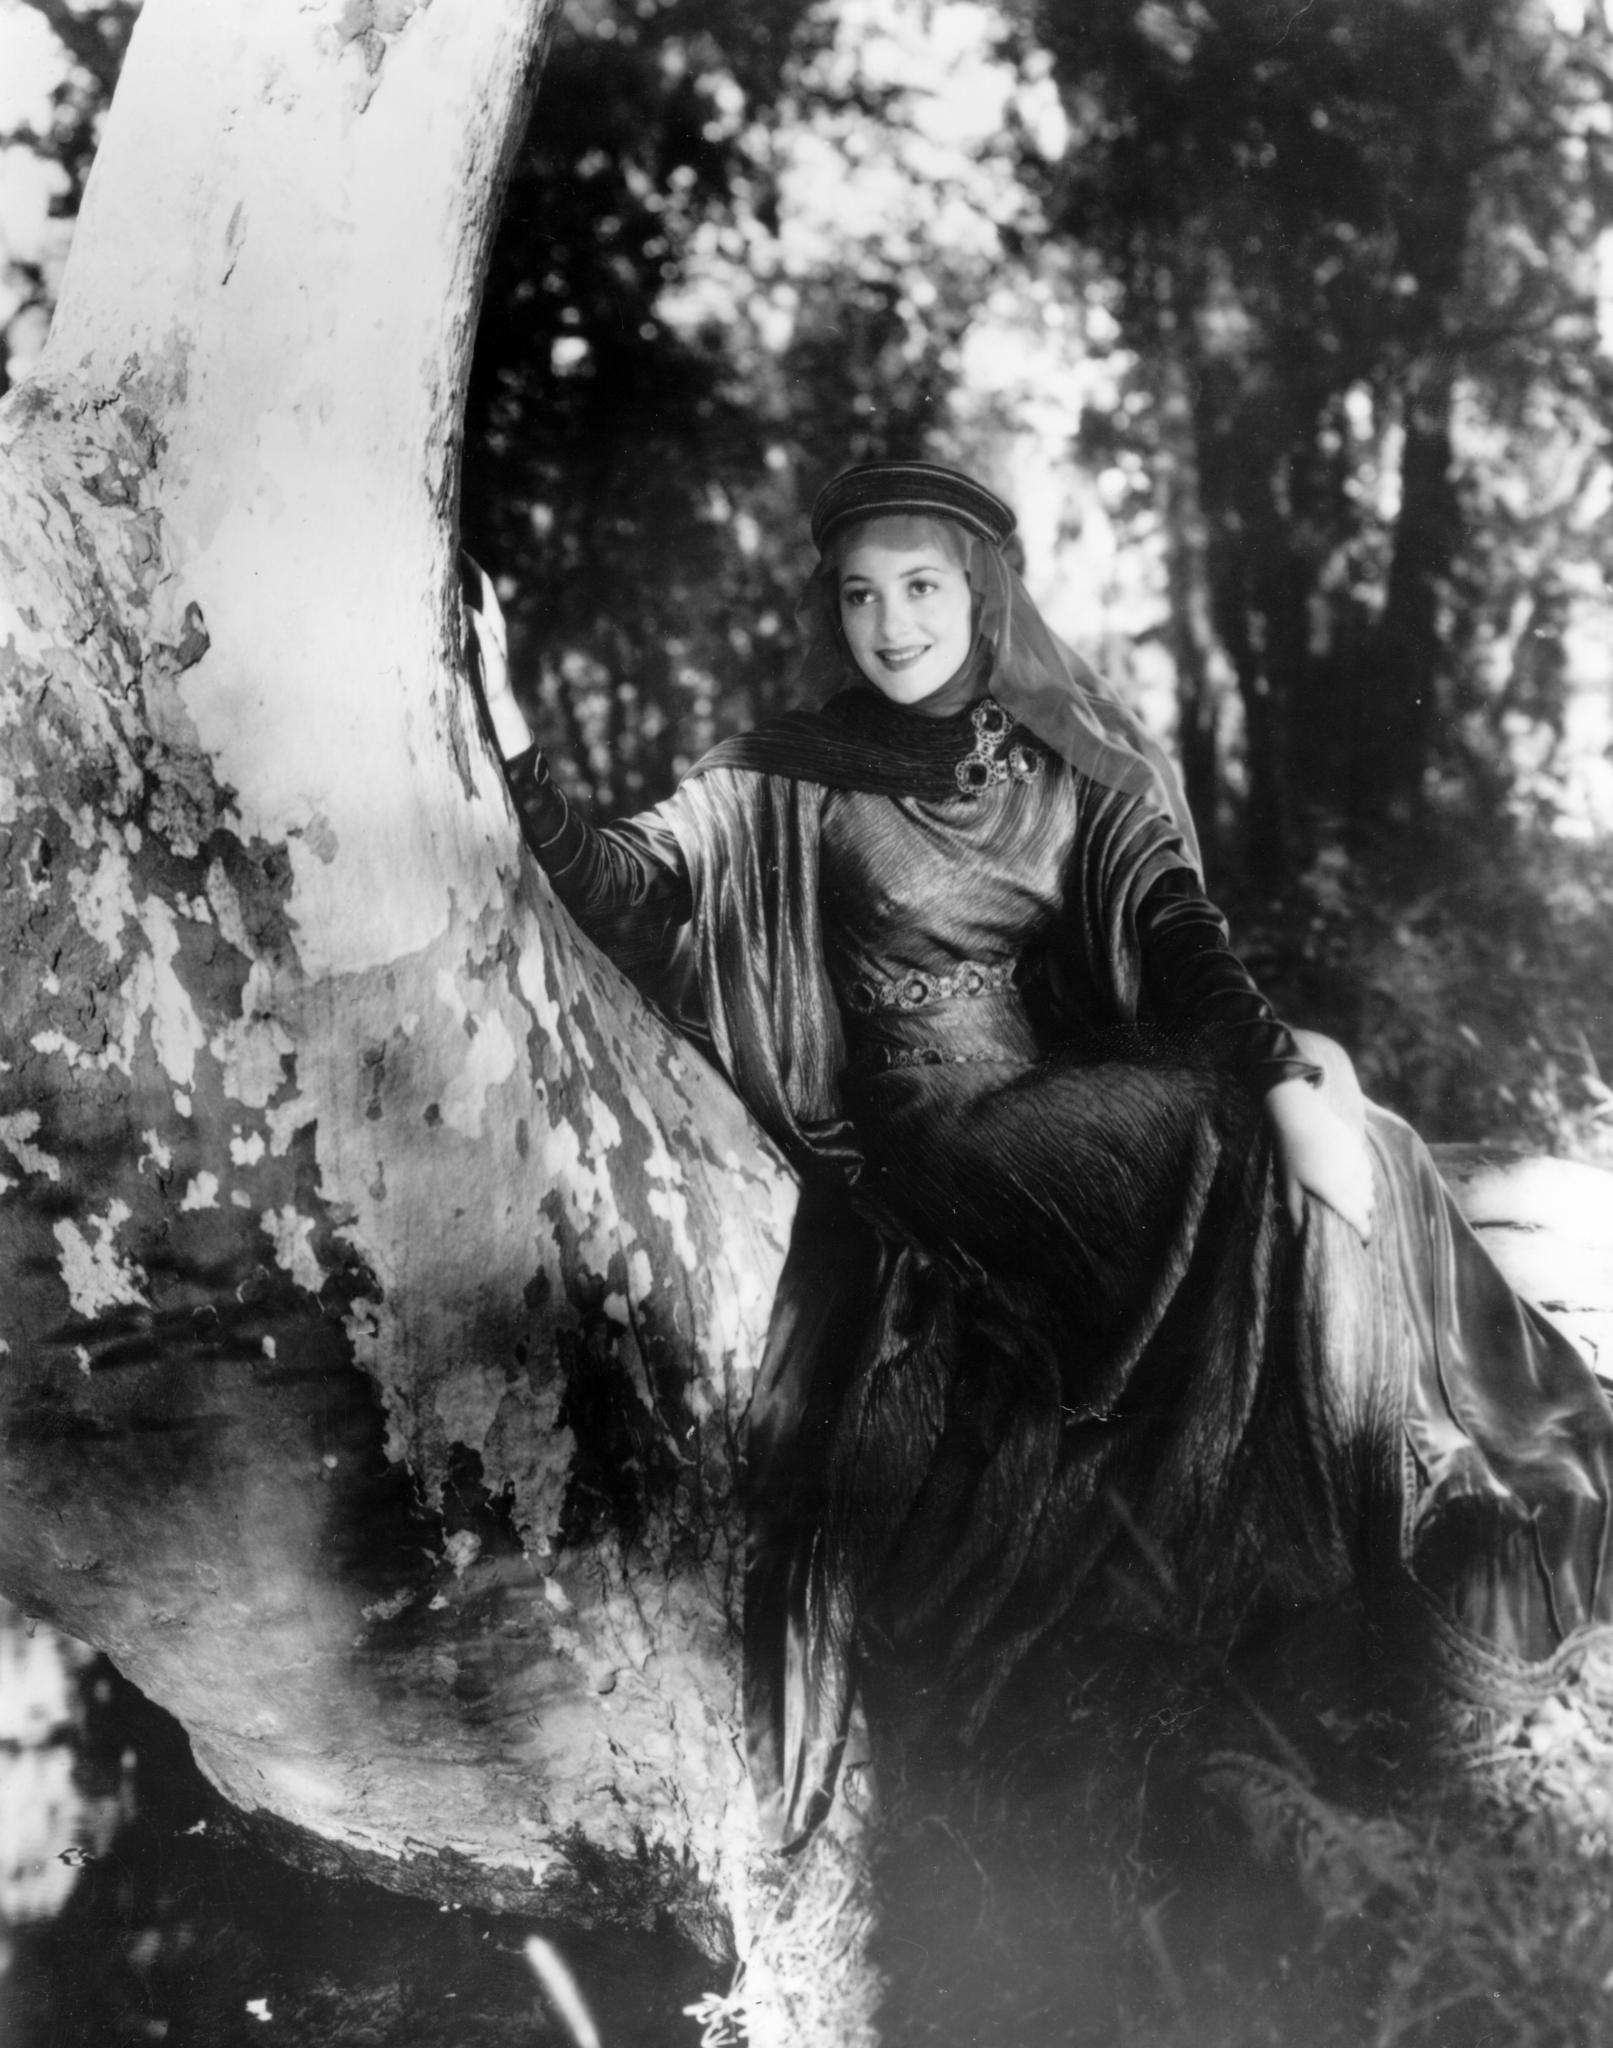 Olivia de Havilland in The Adventures of Robin Hood (1938)